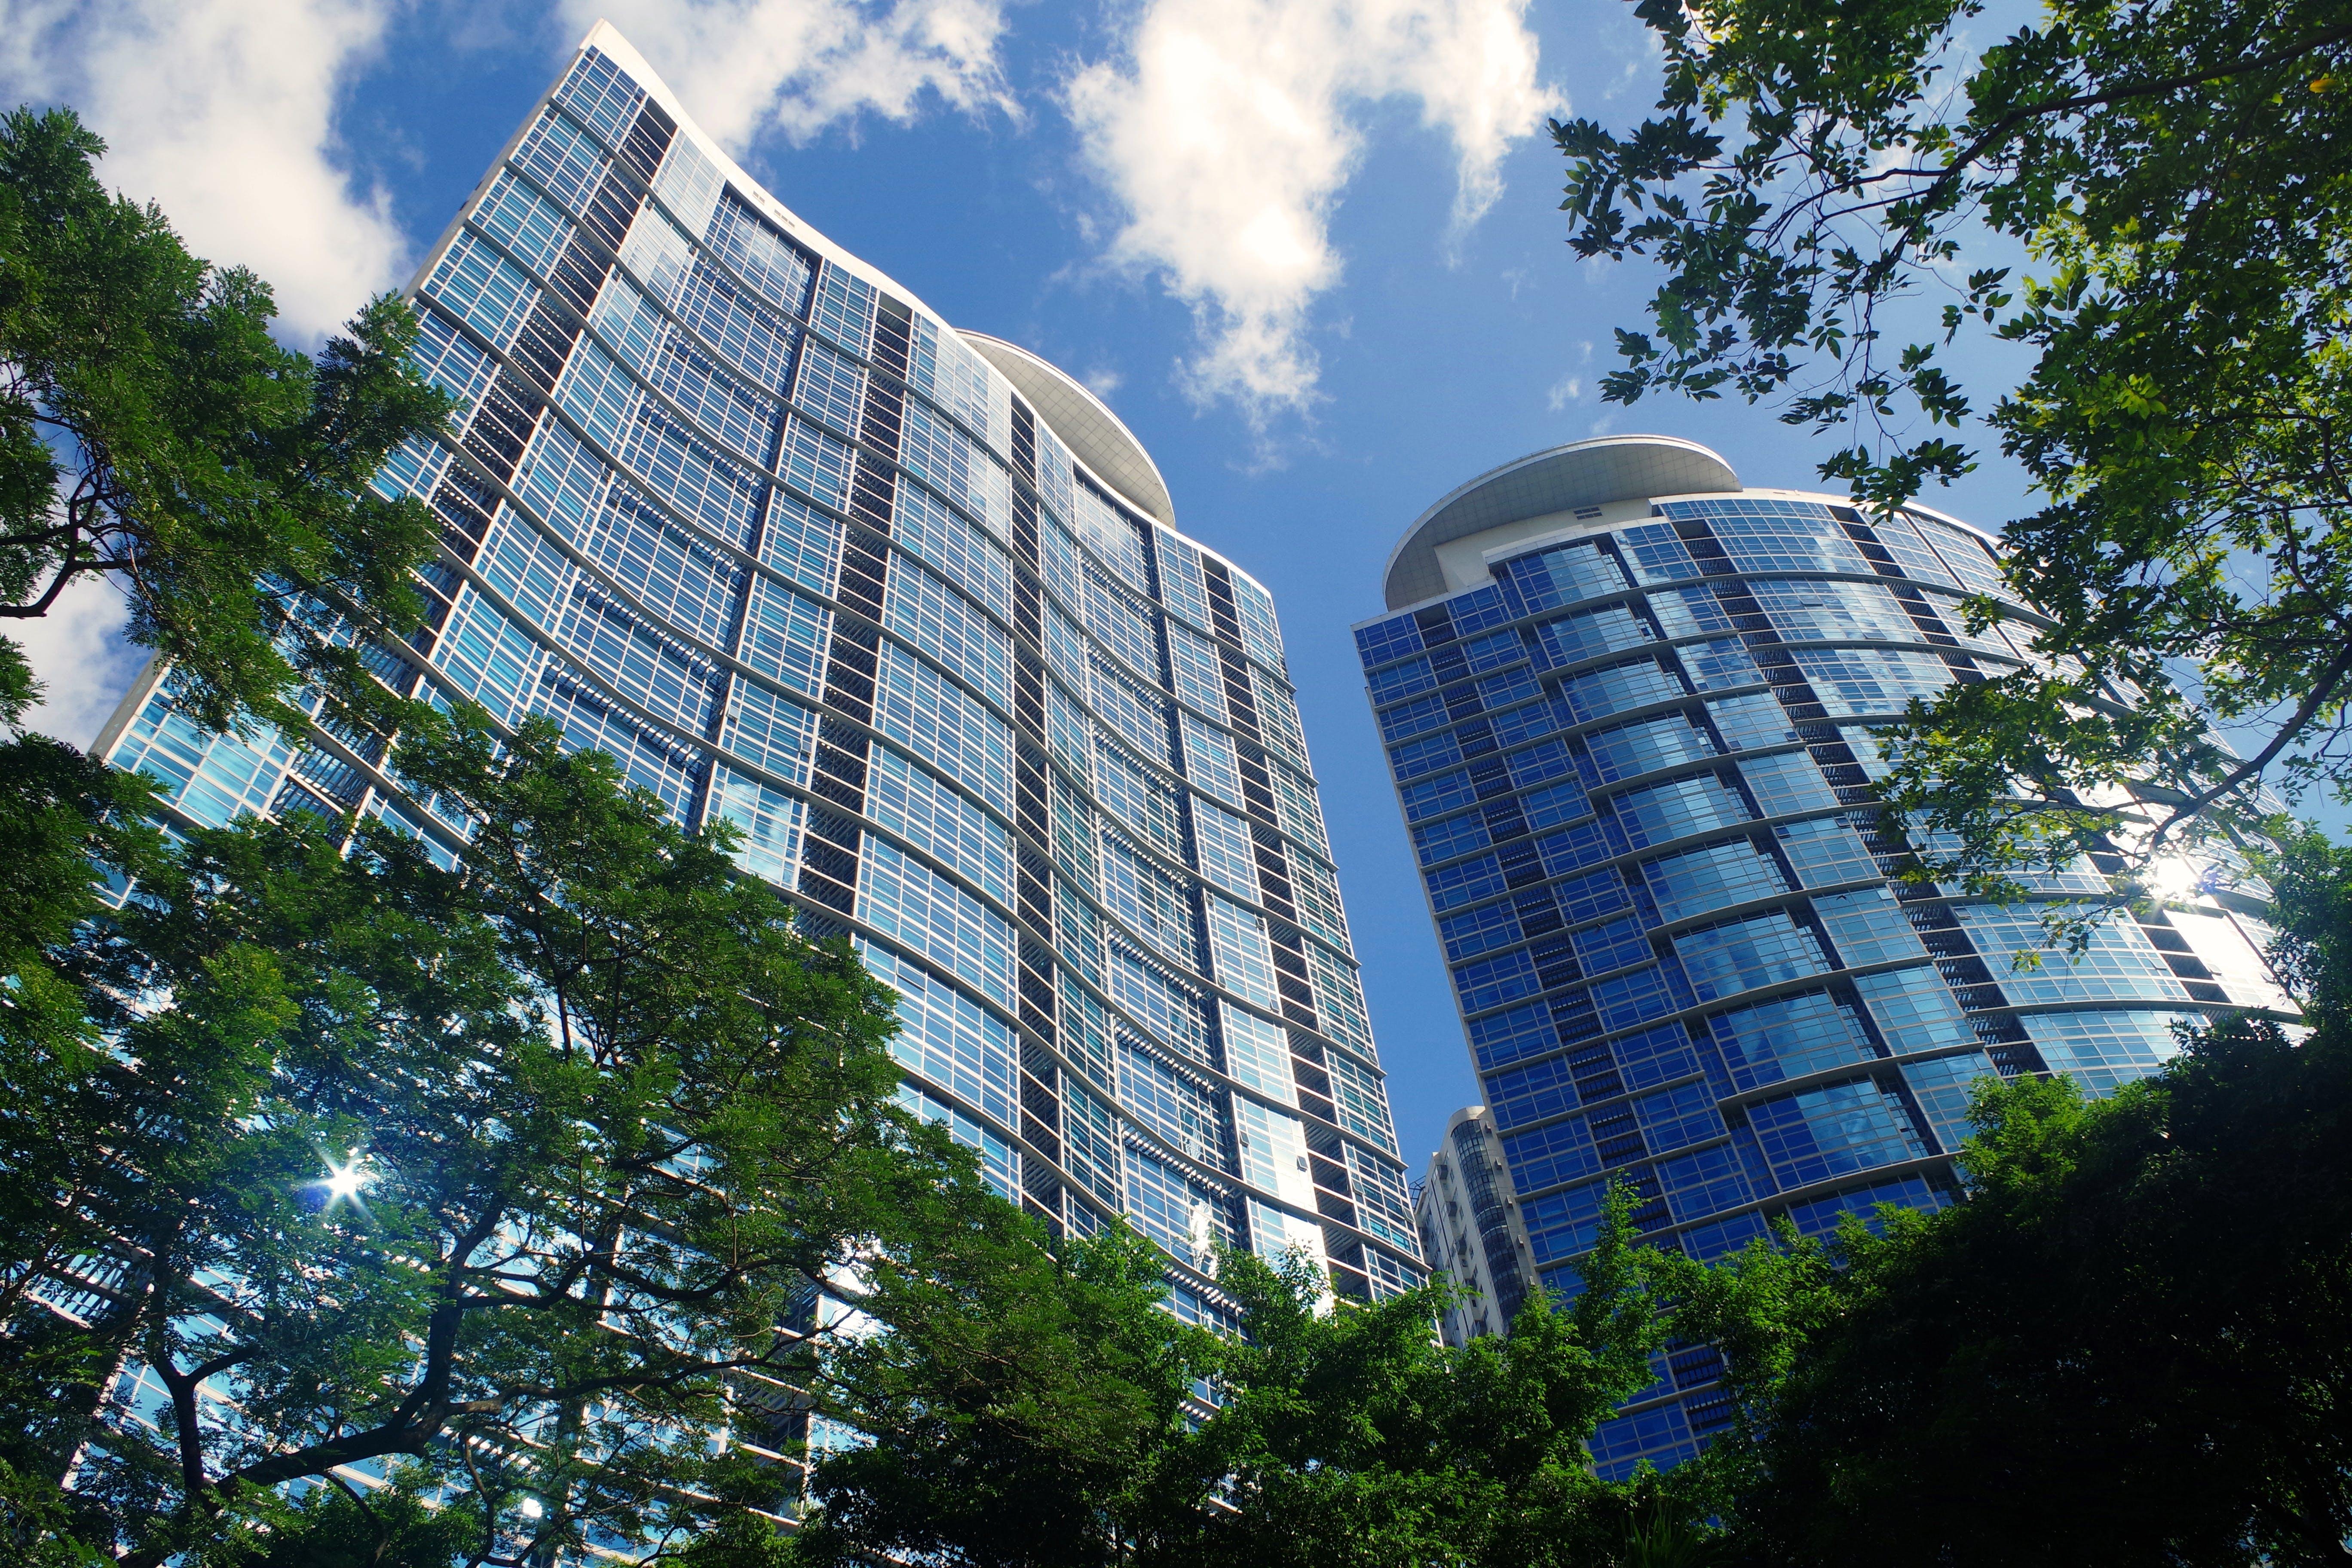 ağaçlar, binalar, bulutlar, bürolar içeren Ücretsiz stok fotoğraf